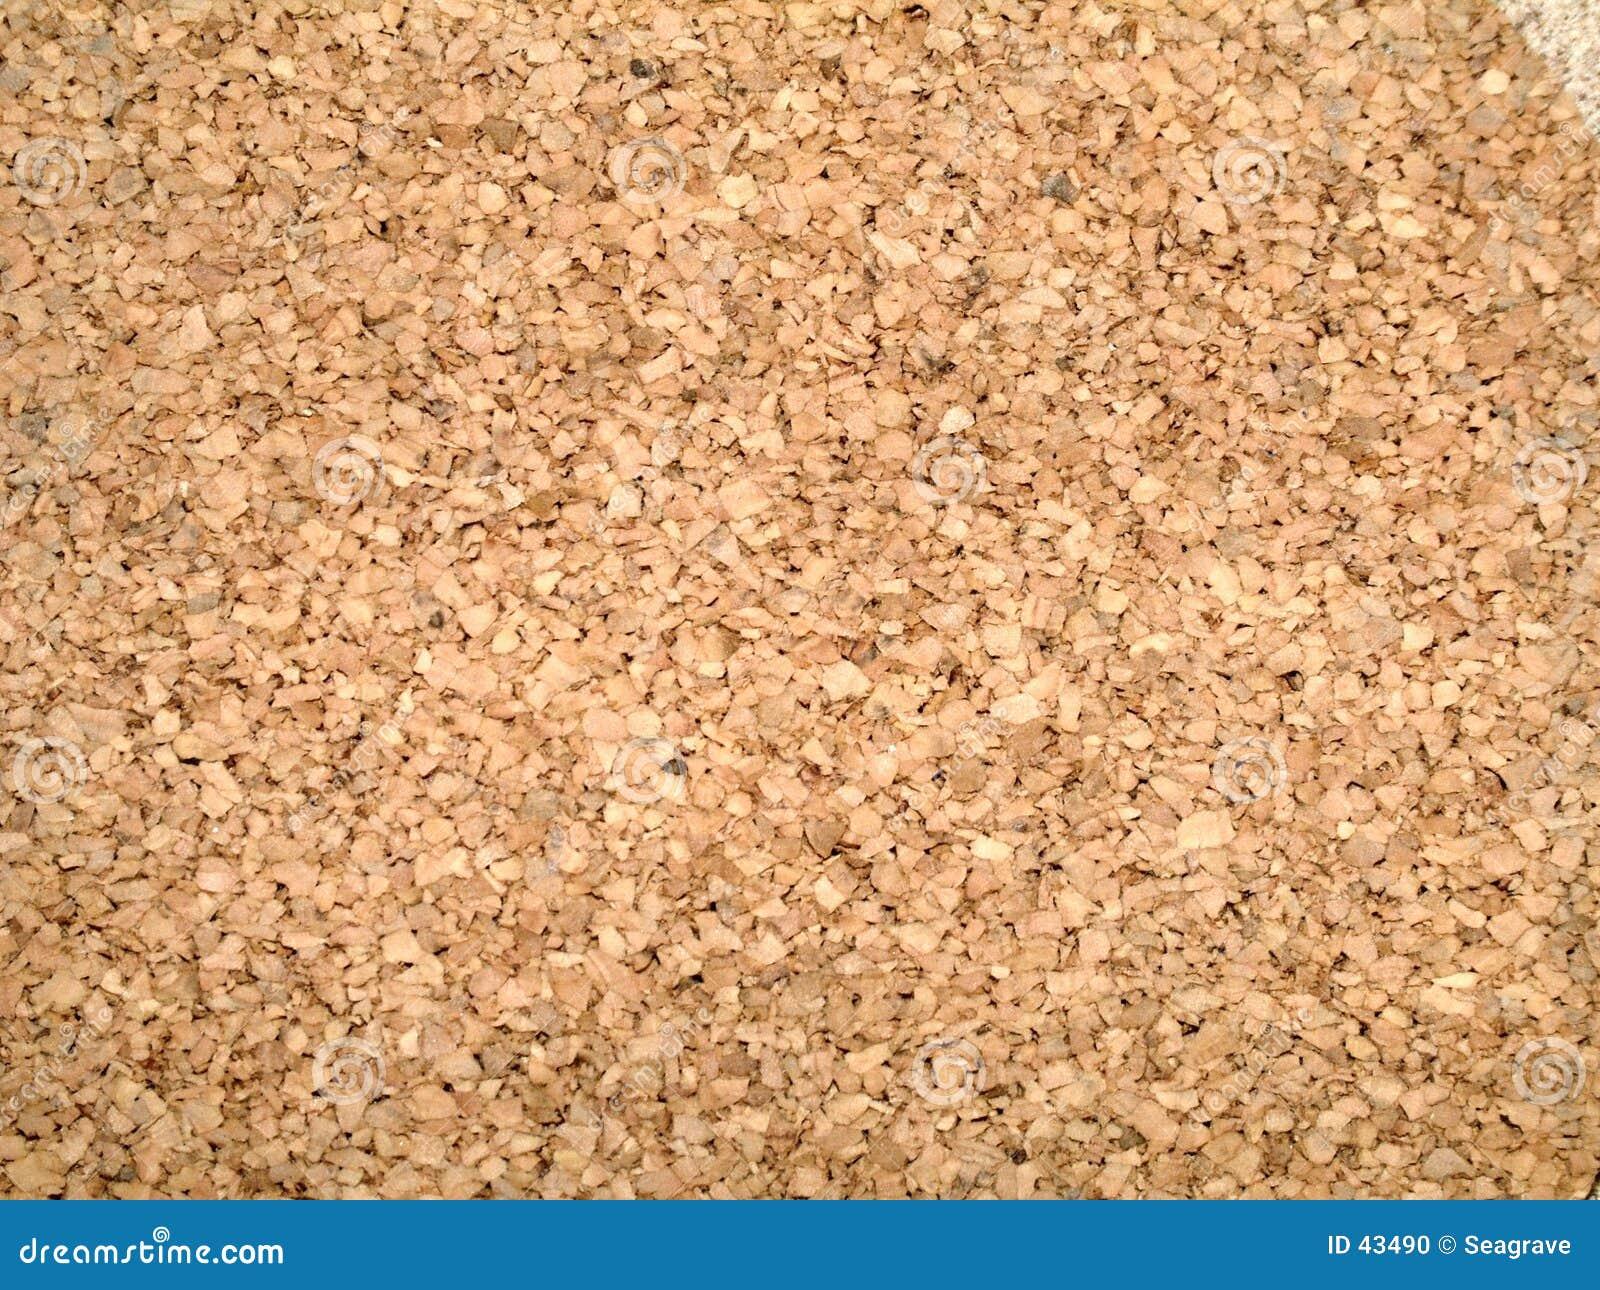 Download Textura del corcho foto de archivo. Imagen de madera, negocios - 43490